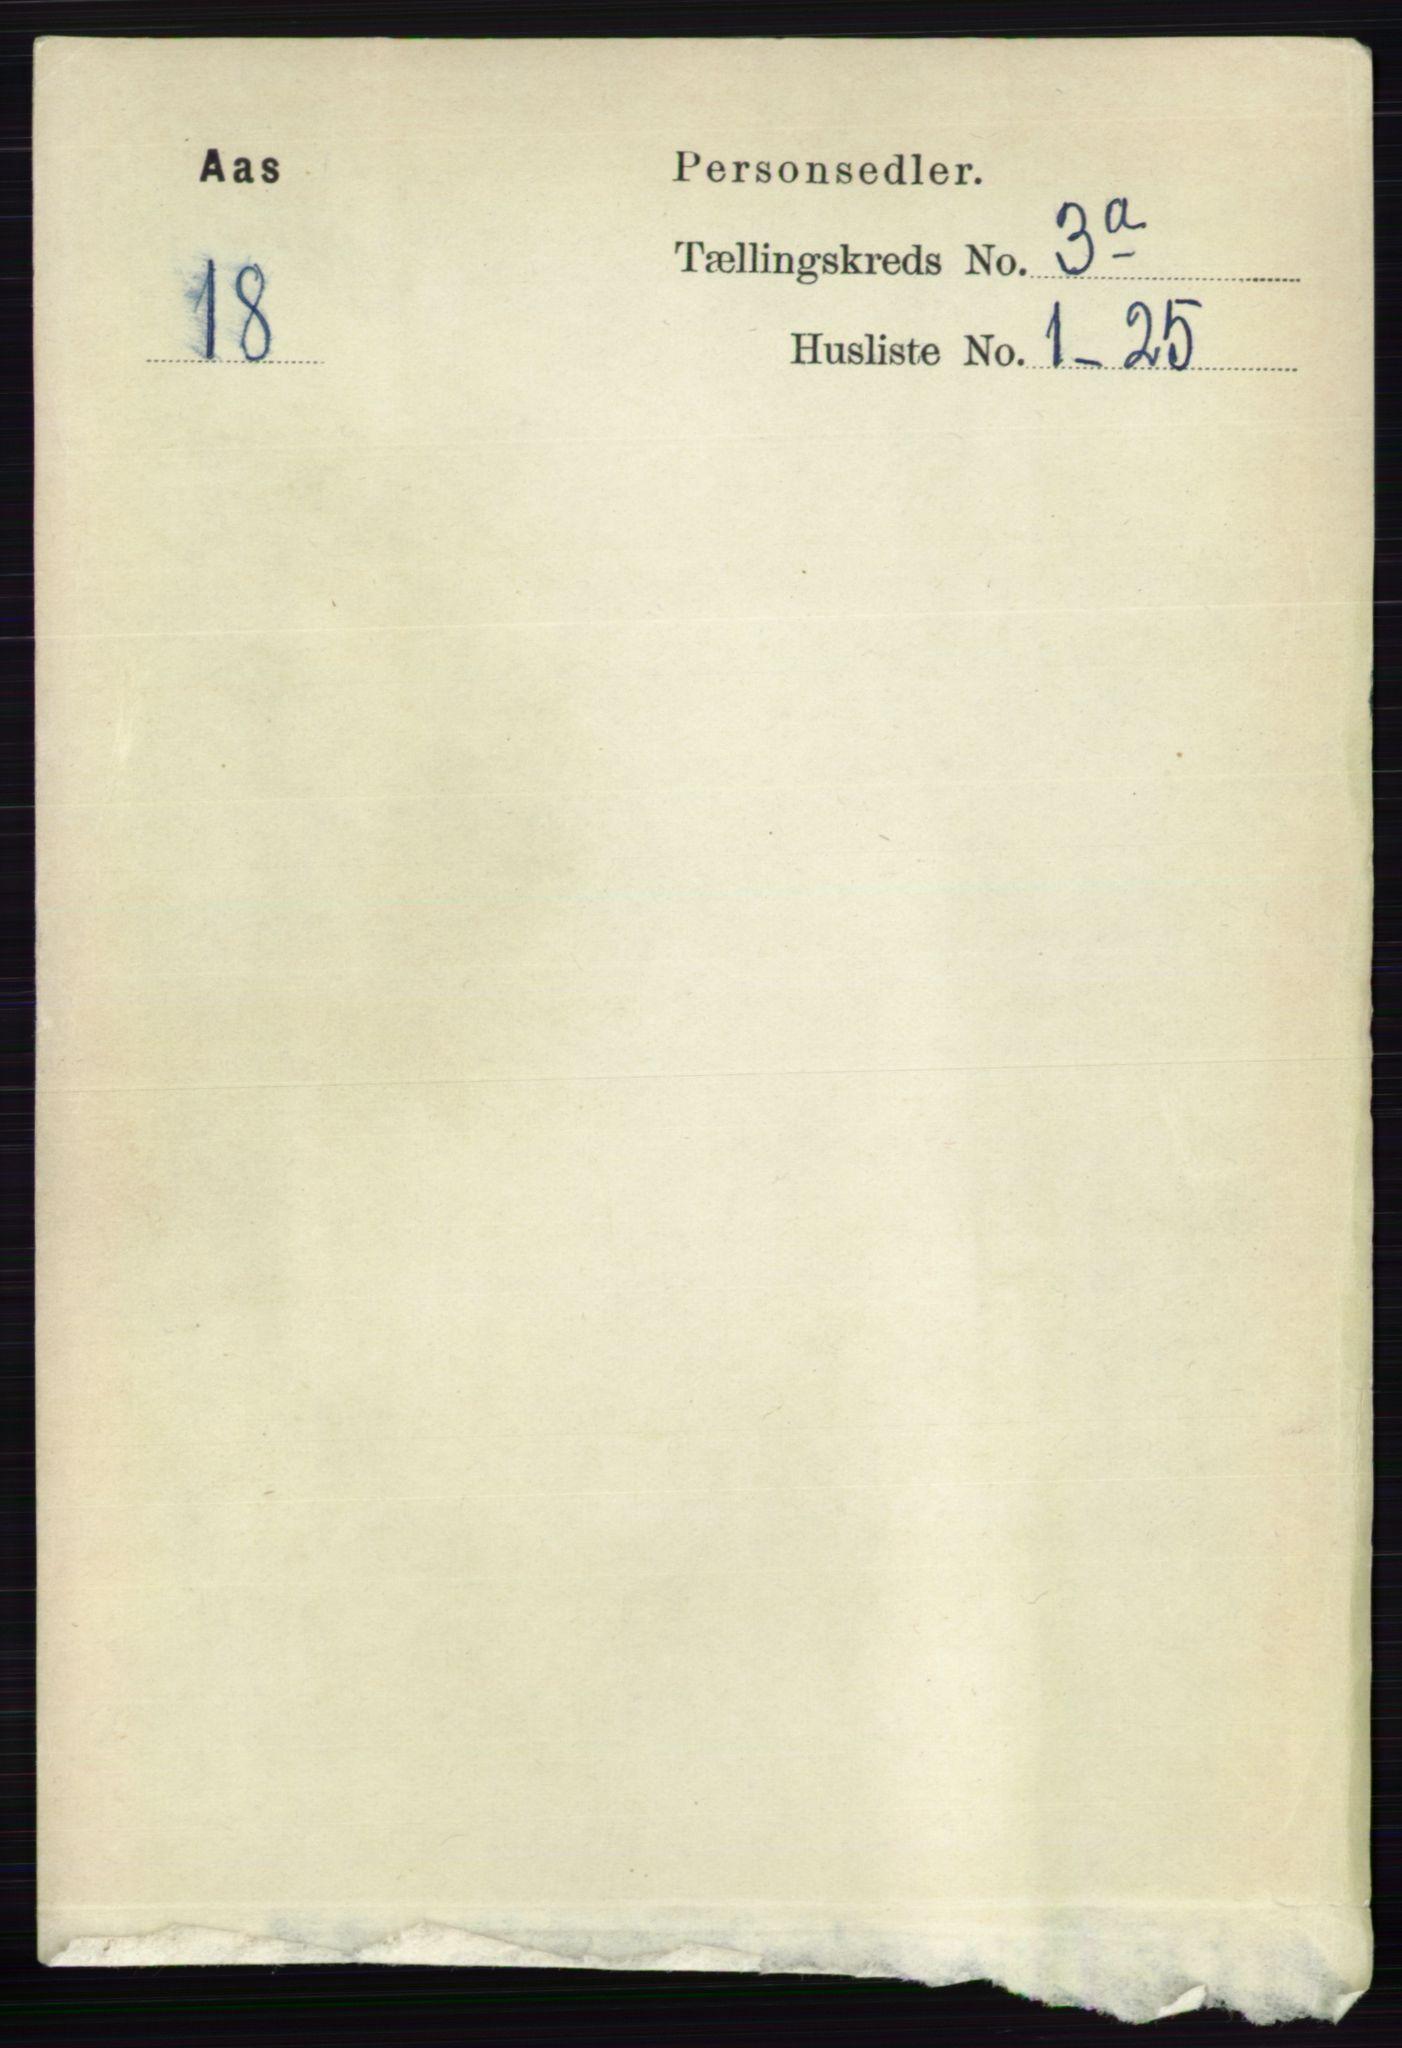 RA, Folketelling 1891 for 0214 Ås herred, 1891, s. 2127